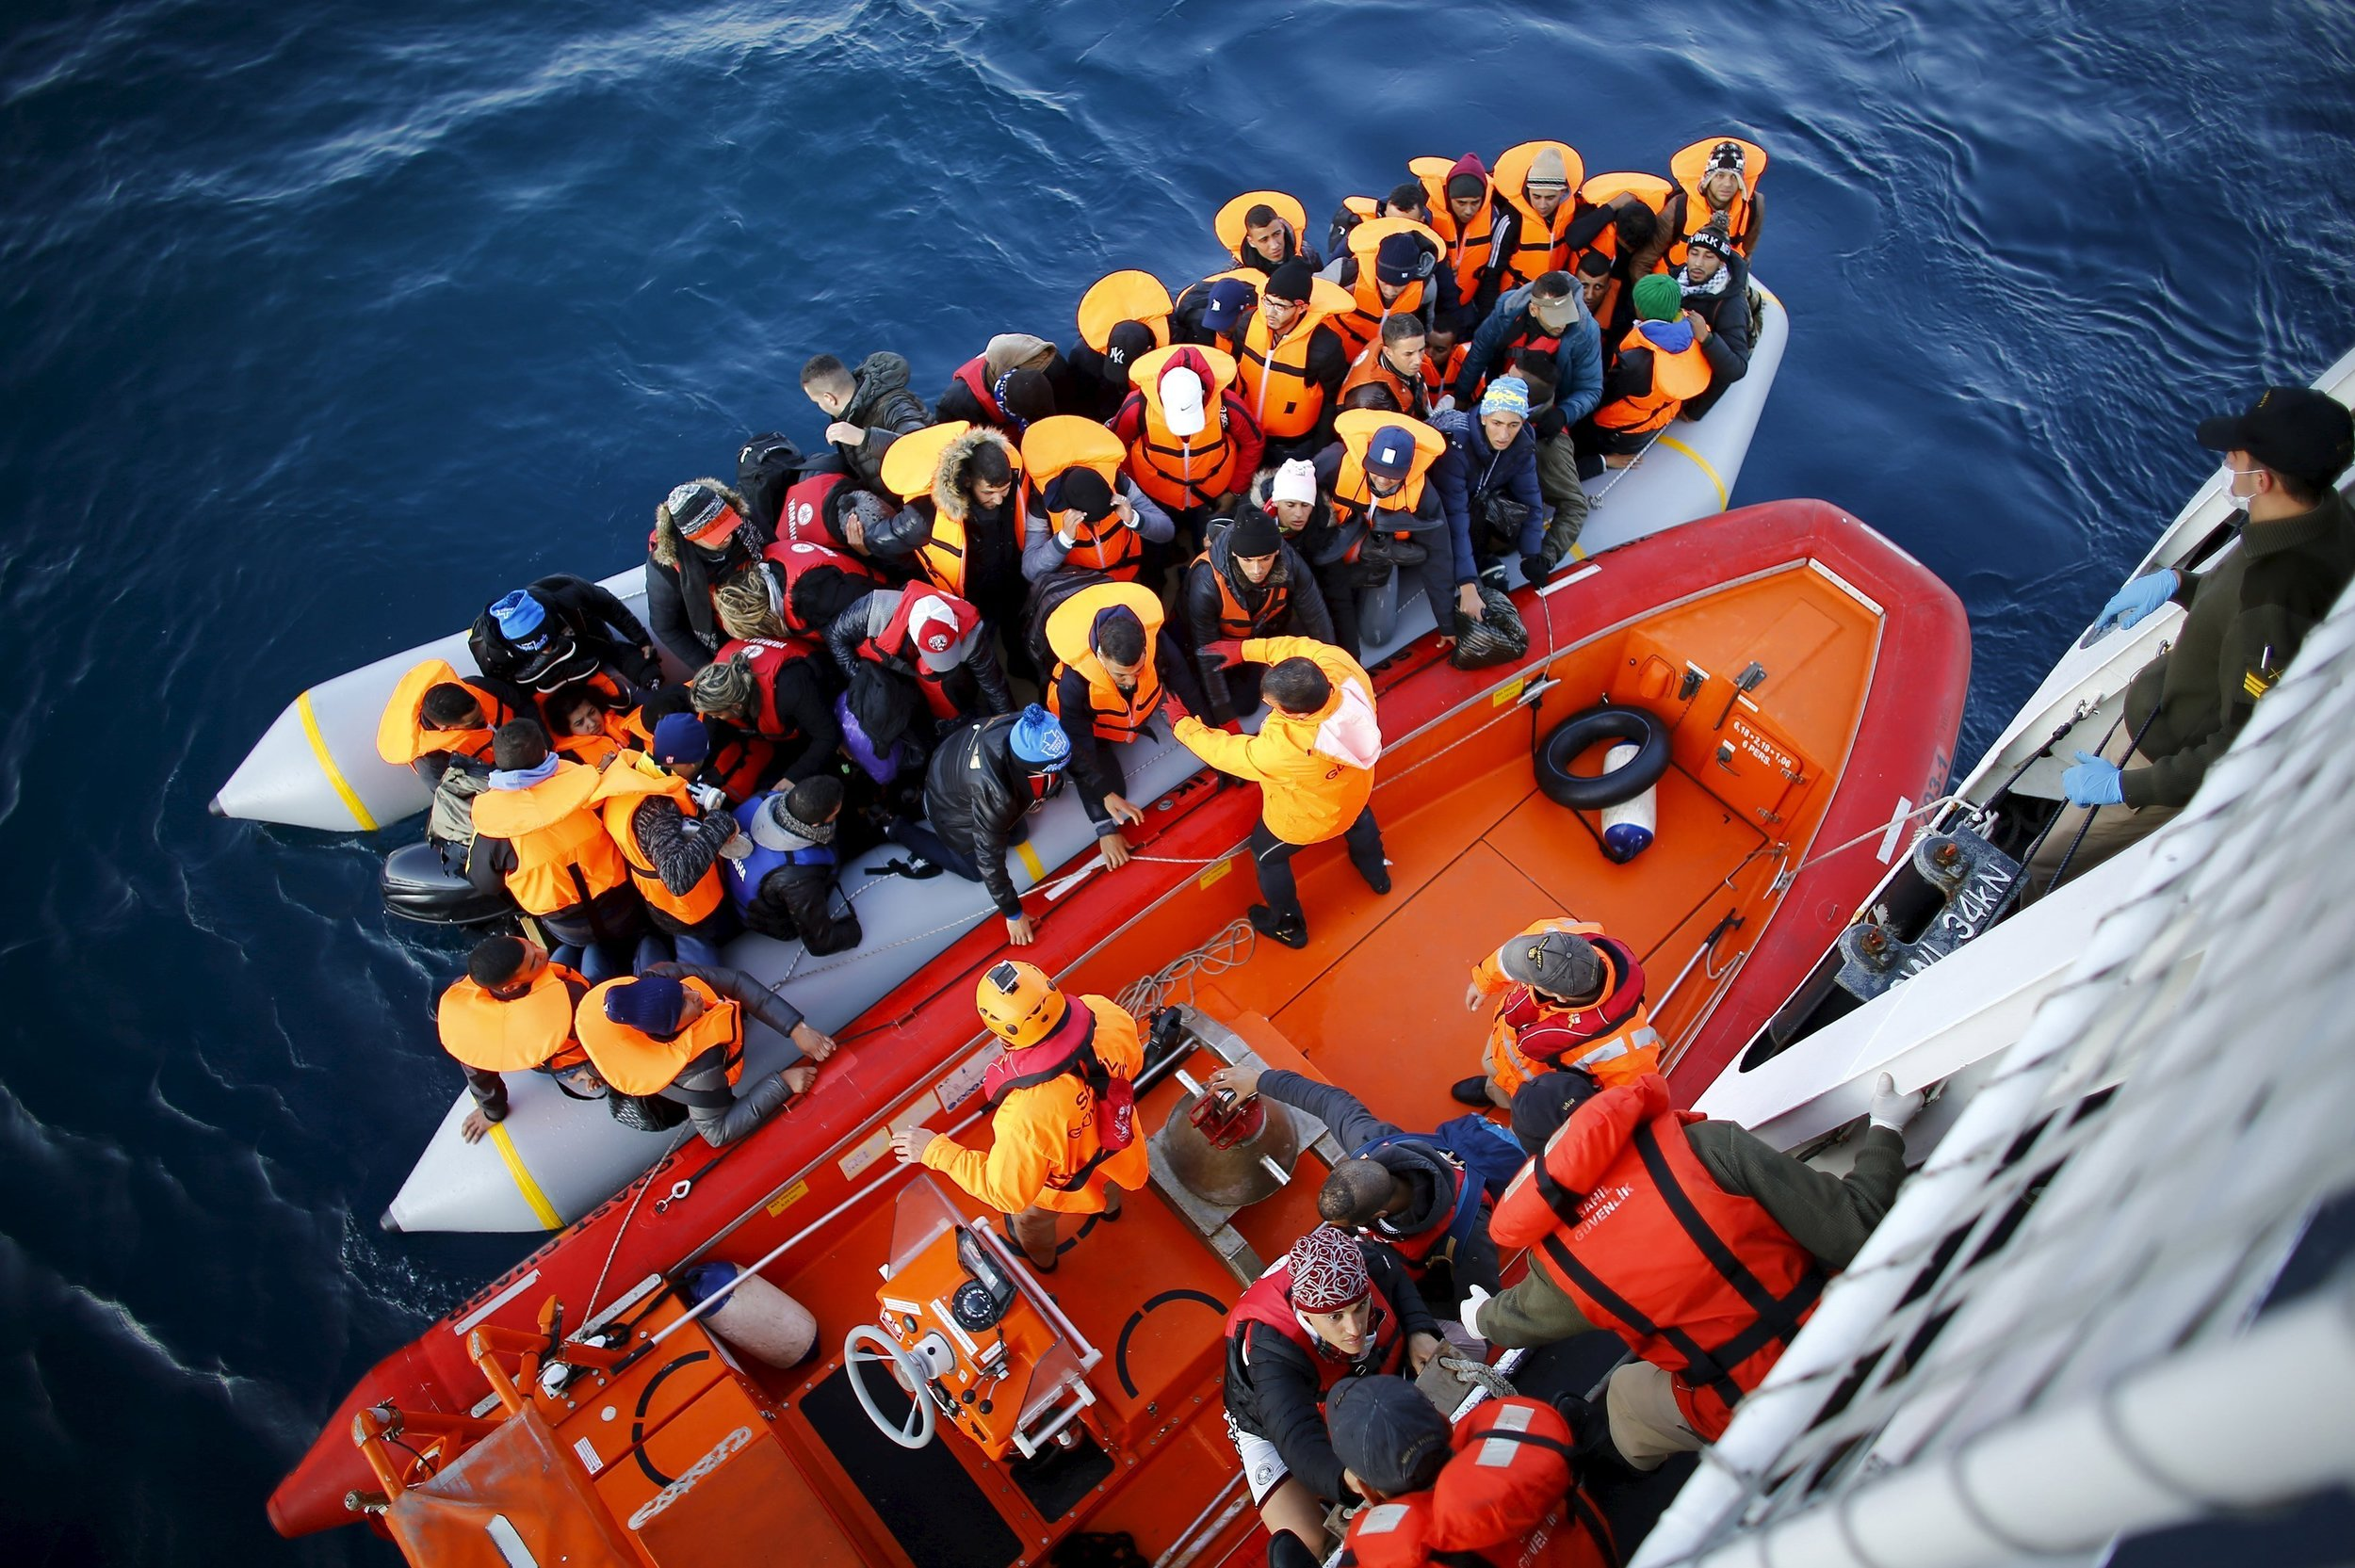 Photo Credit:REUTERS/ UMIT BEKTAS